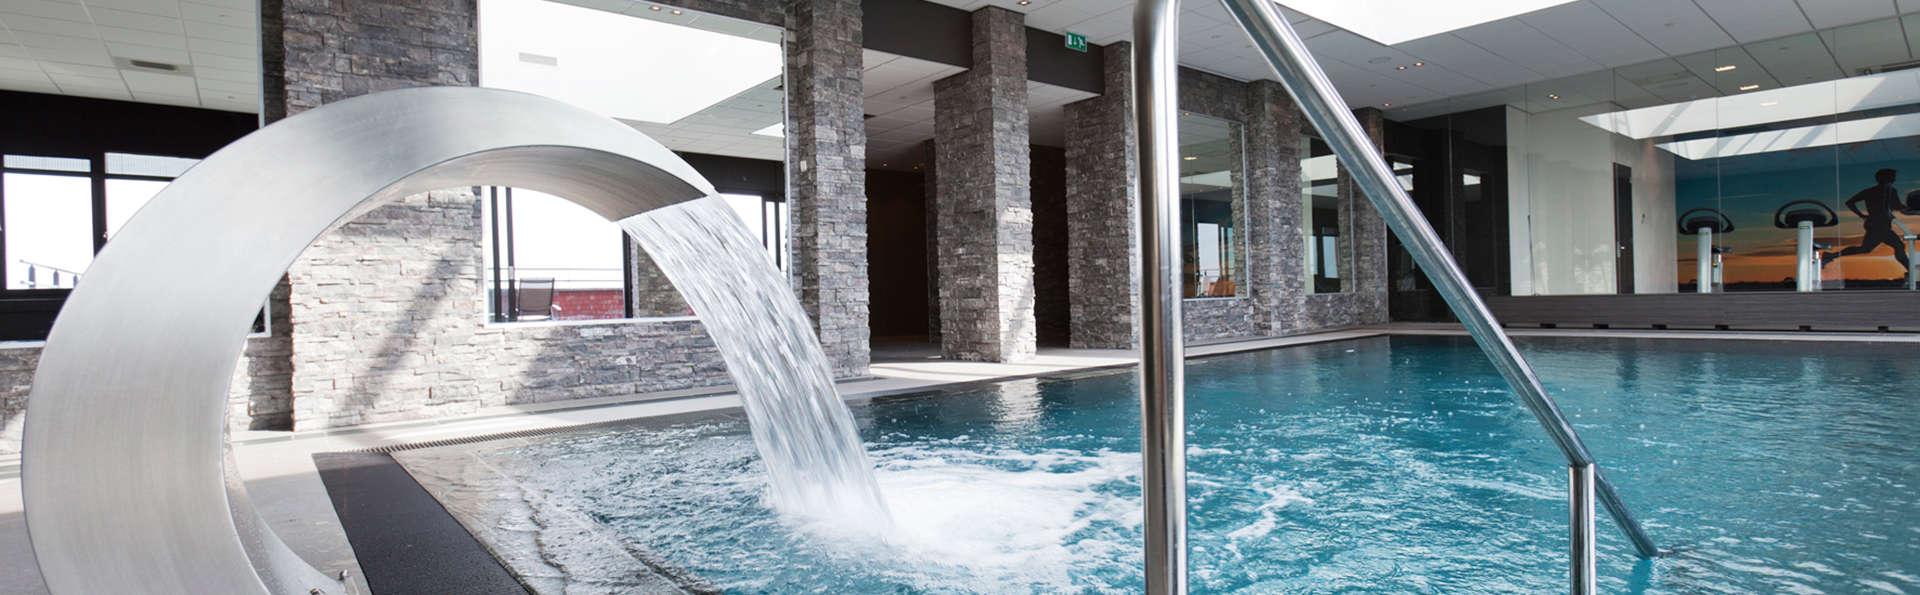 Détendez-vous dans un spa doté d'une vue panoramique près de Rotterdam!